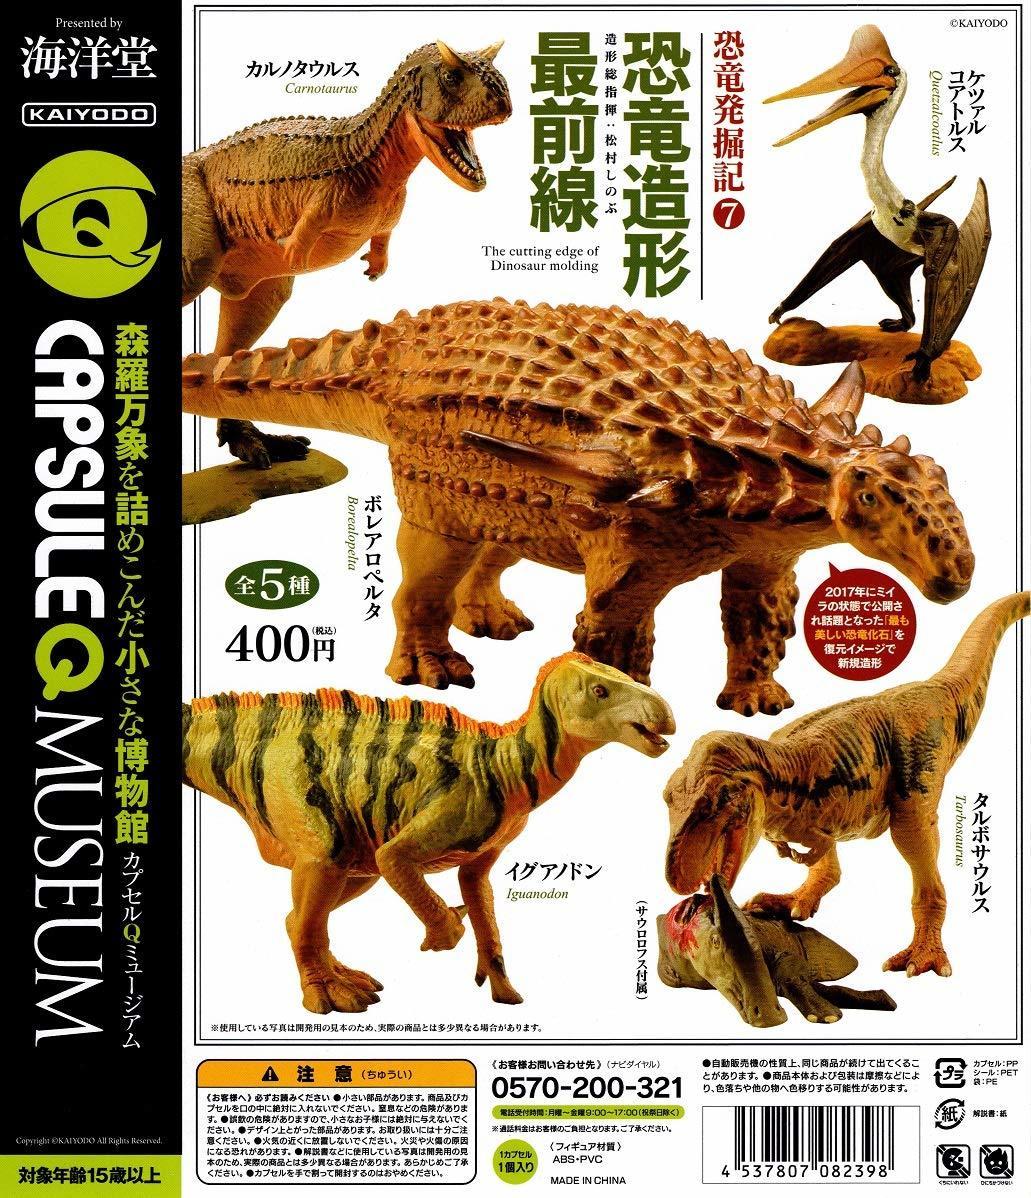 海洋堂 カプセルQミュージアム 恐竜発掘記7 恐竜造形最前線 全5種セット_画像1